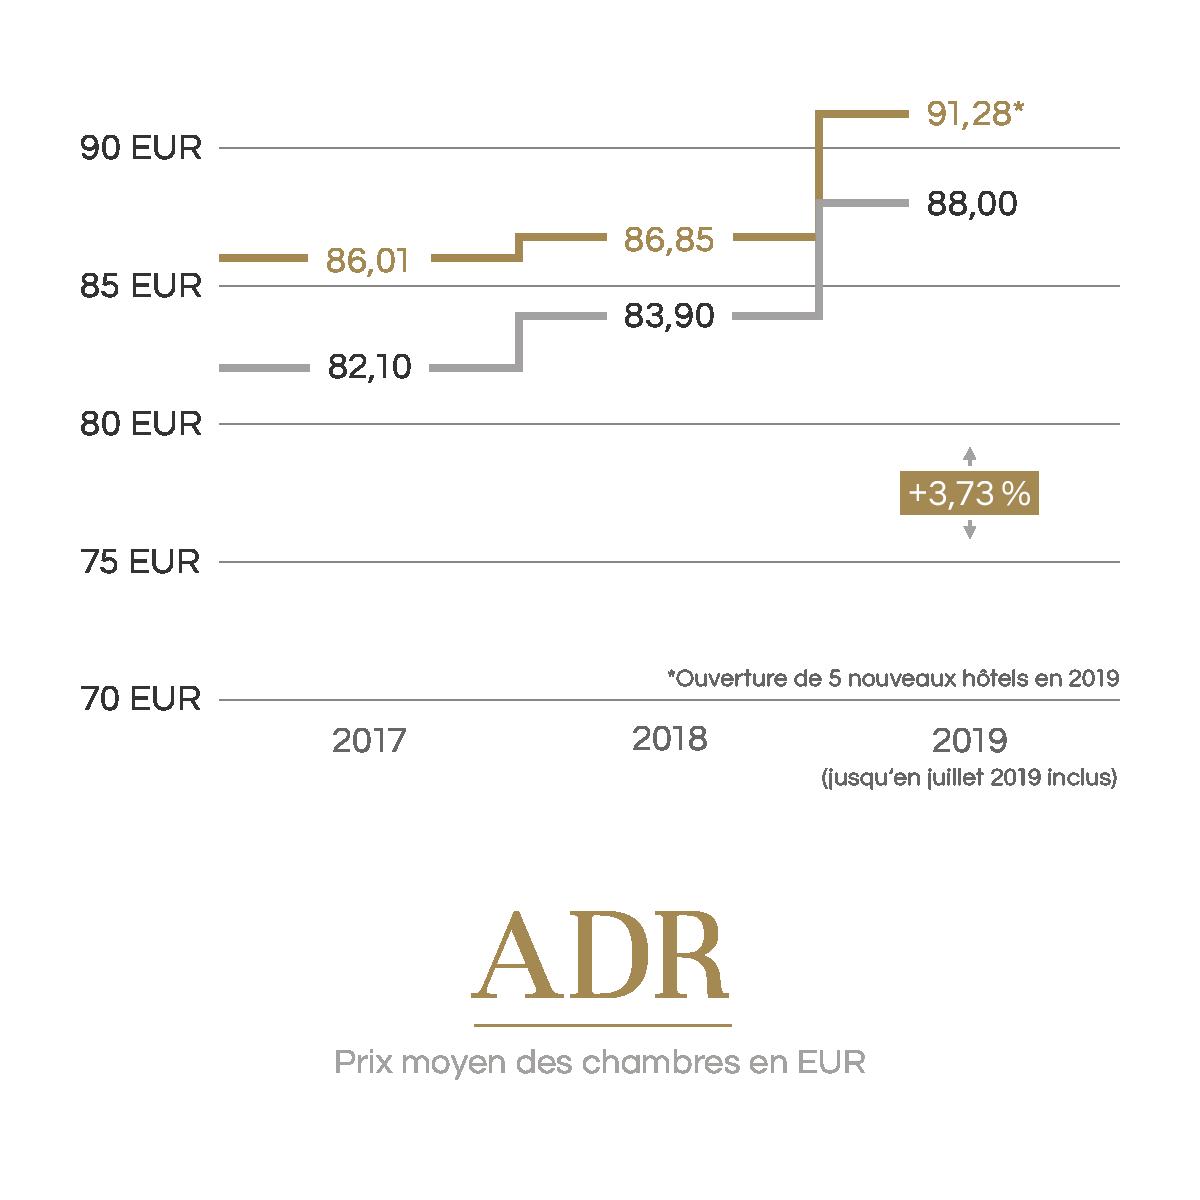 Prix moyen des chambres en EUR